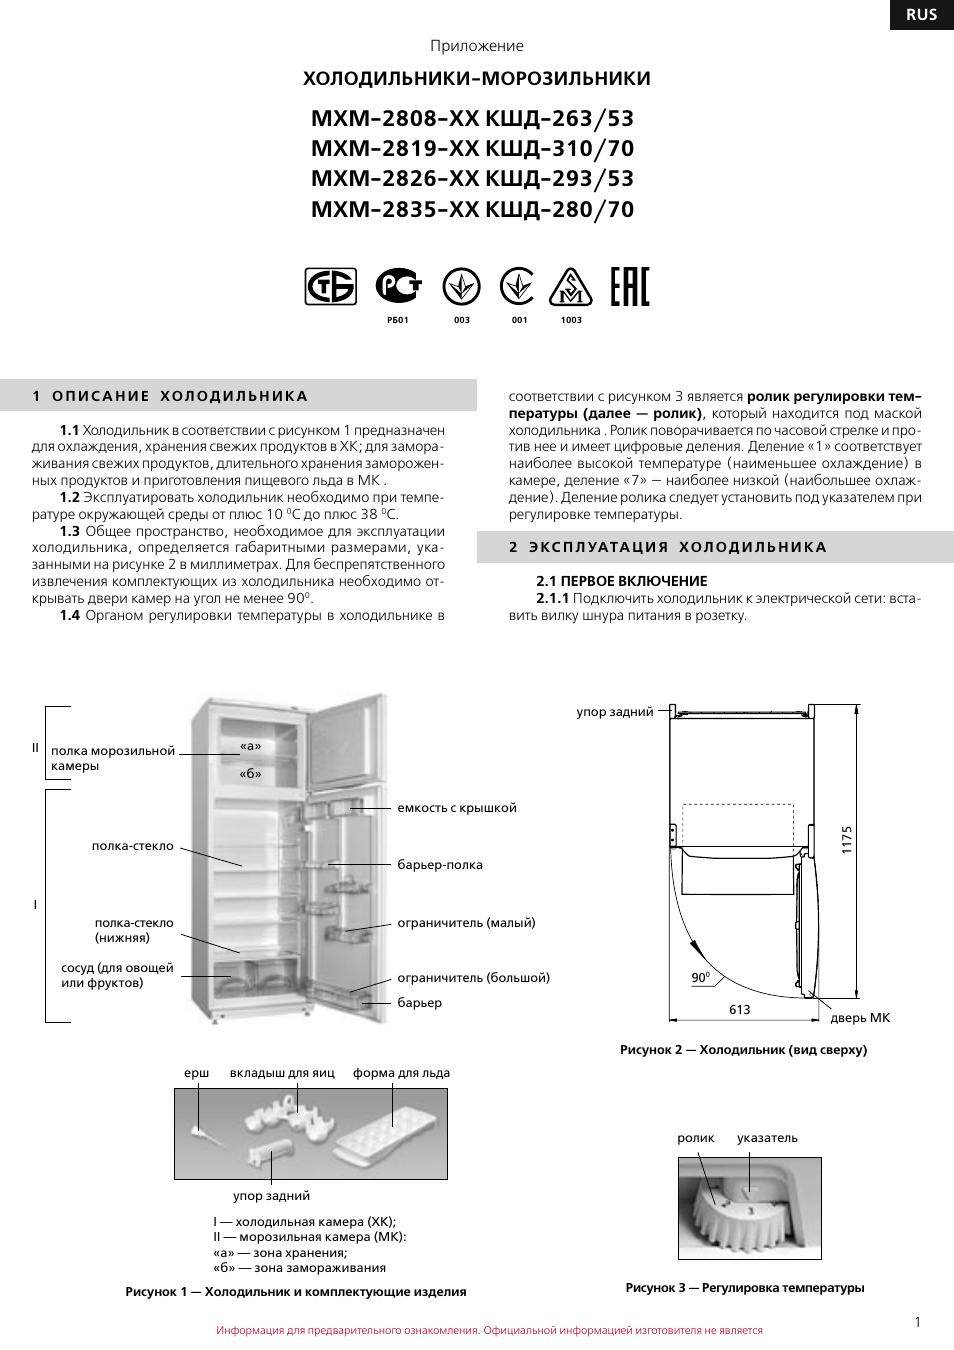 инструкция по эксплуатации атлант мхм 2808 приложение 16 страниц